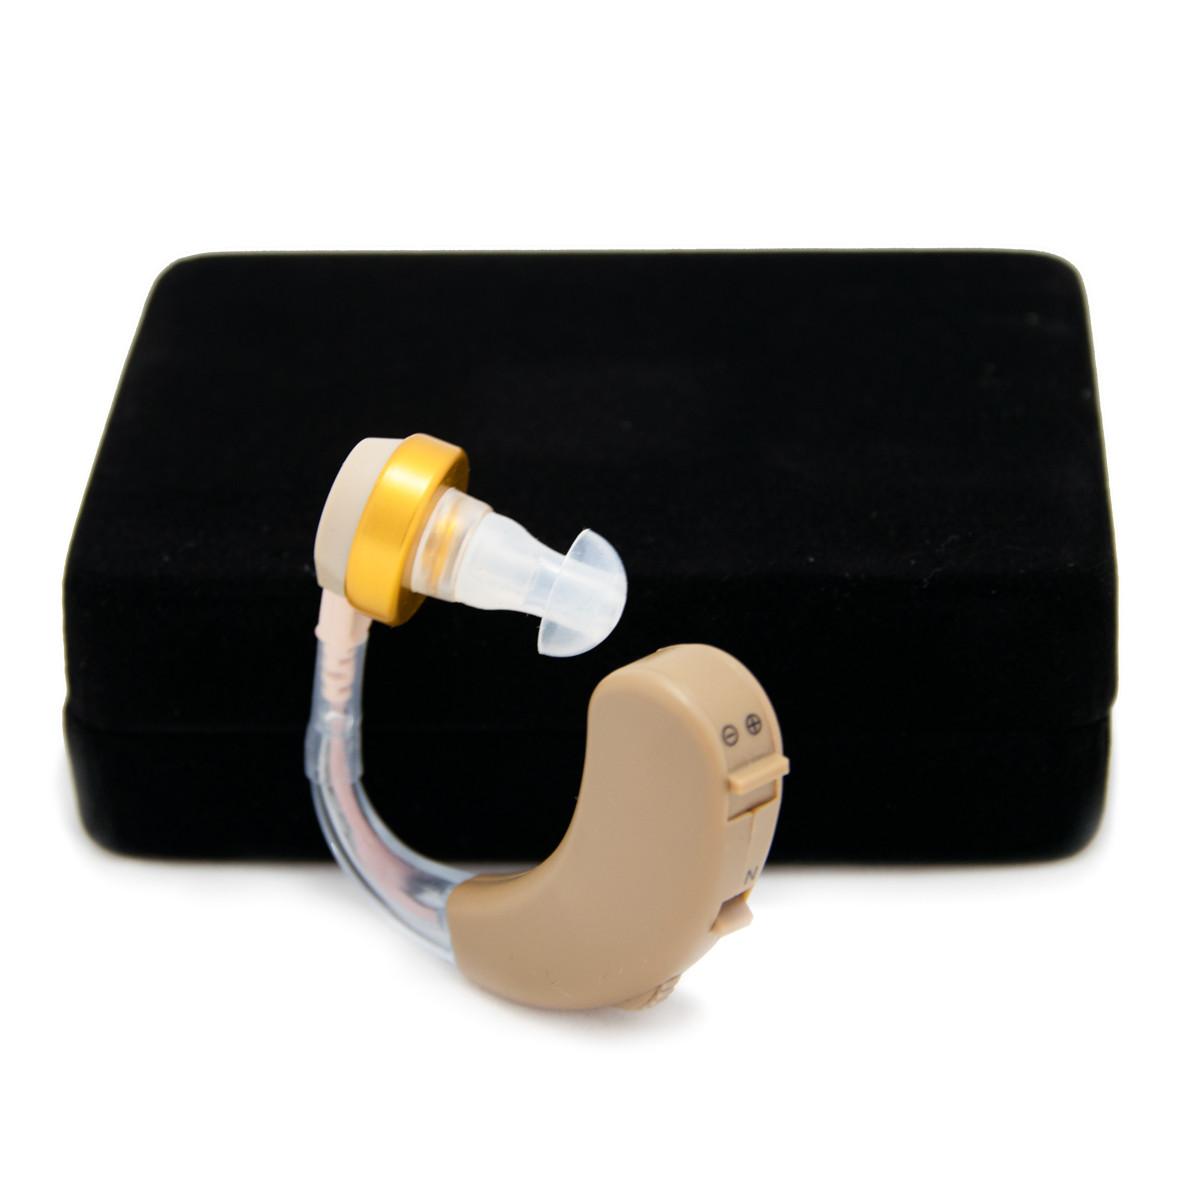 Слуховий апарат Axon V-163 підсилювач завушний, аналоговий апарат для поліпшення слуху (слуховой аппарат)